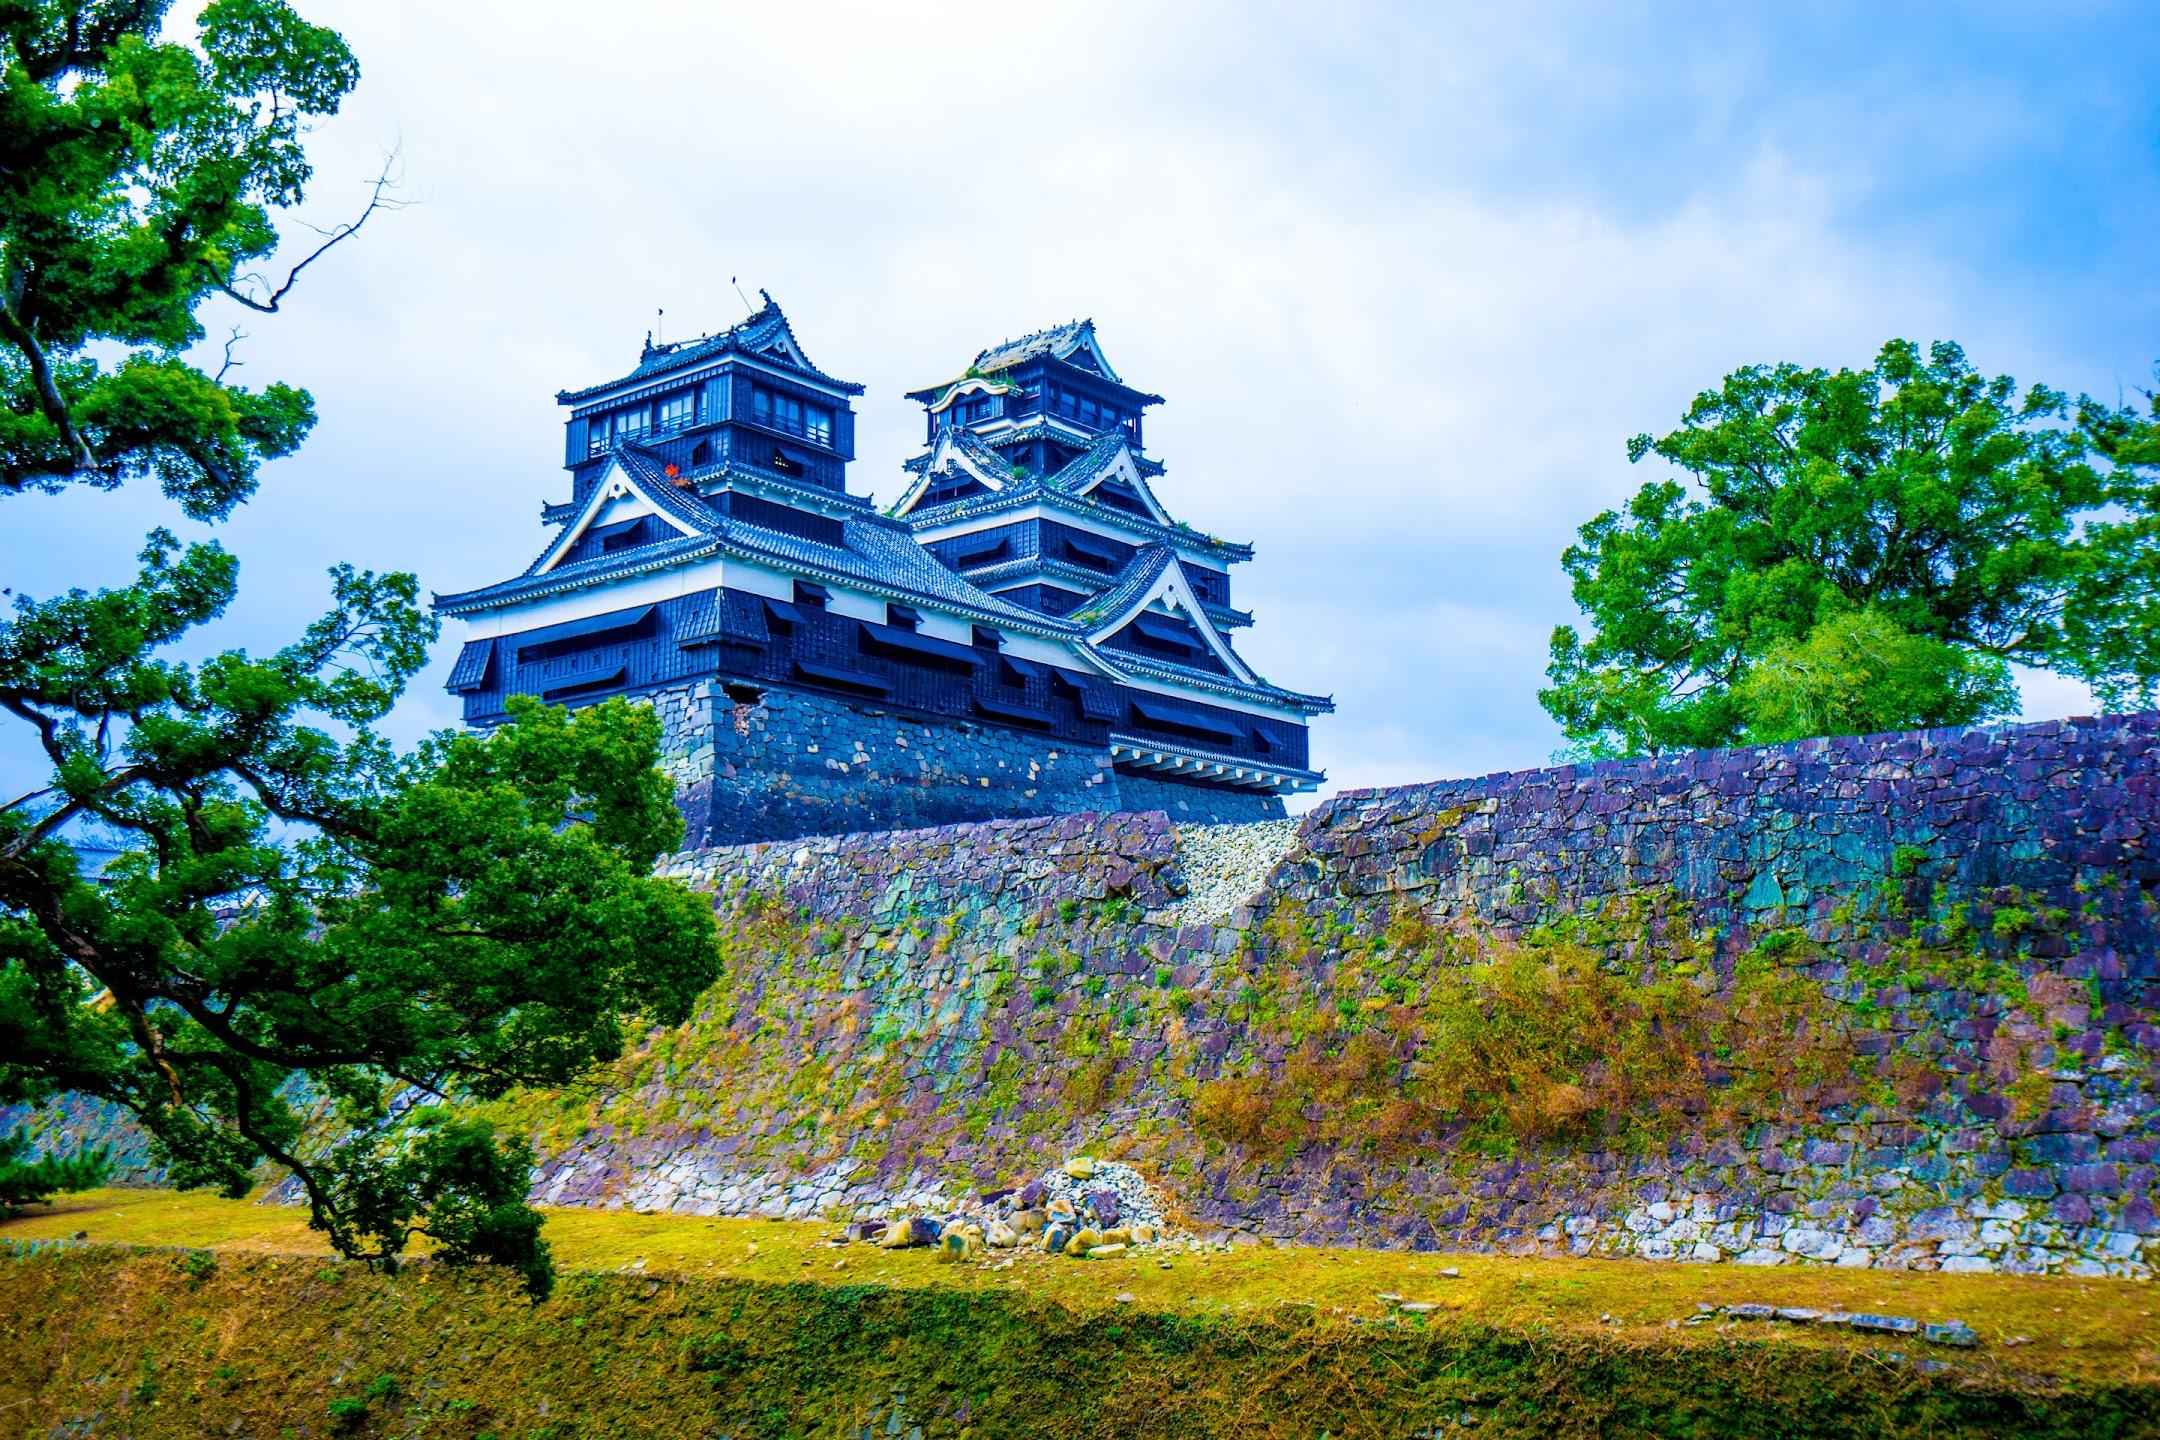 熊本城 加藤神社 天守閣1